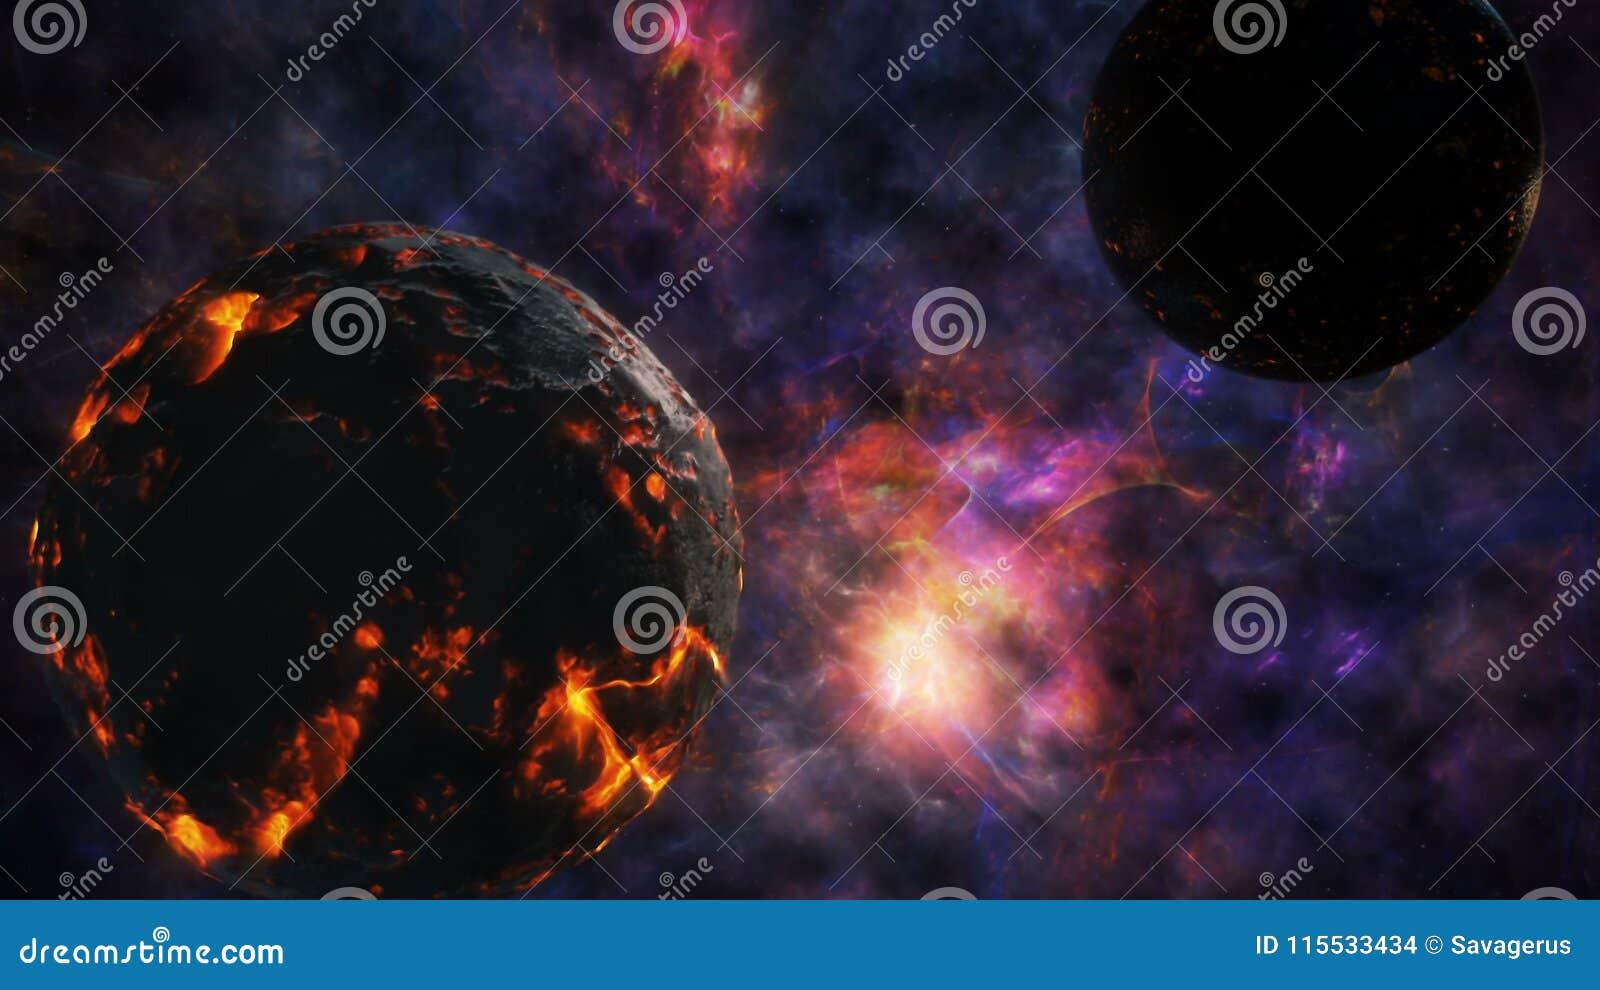 De botsing van twee planeten op de achtergrond van het heelal